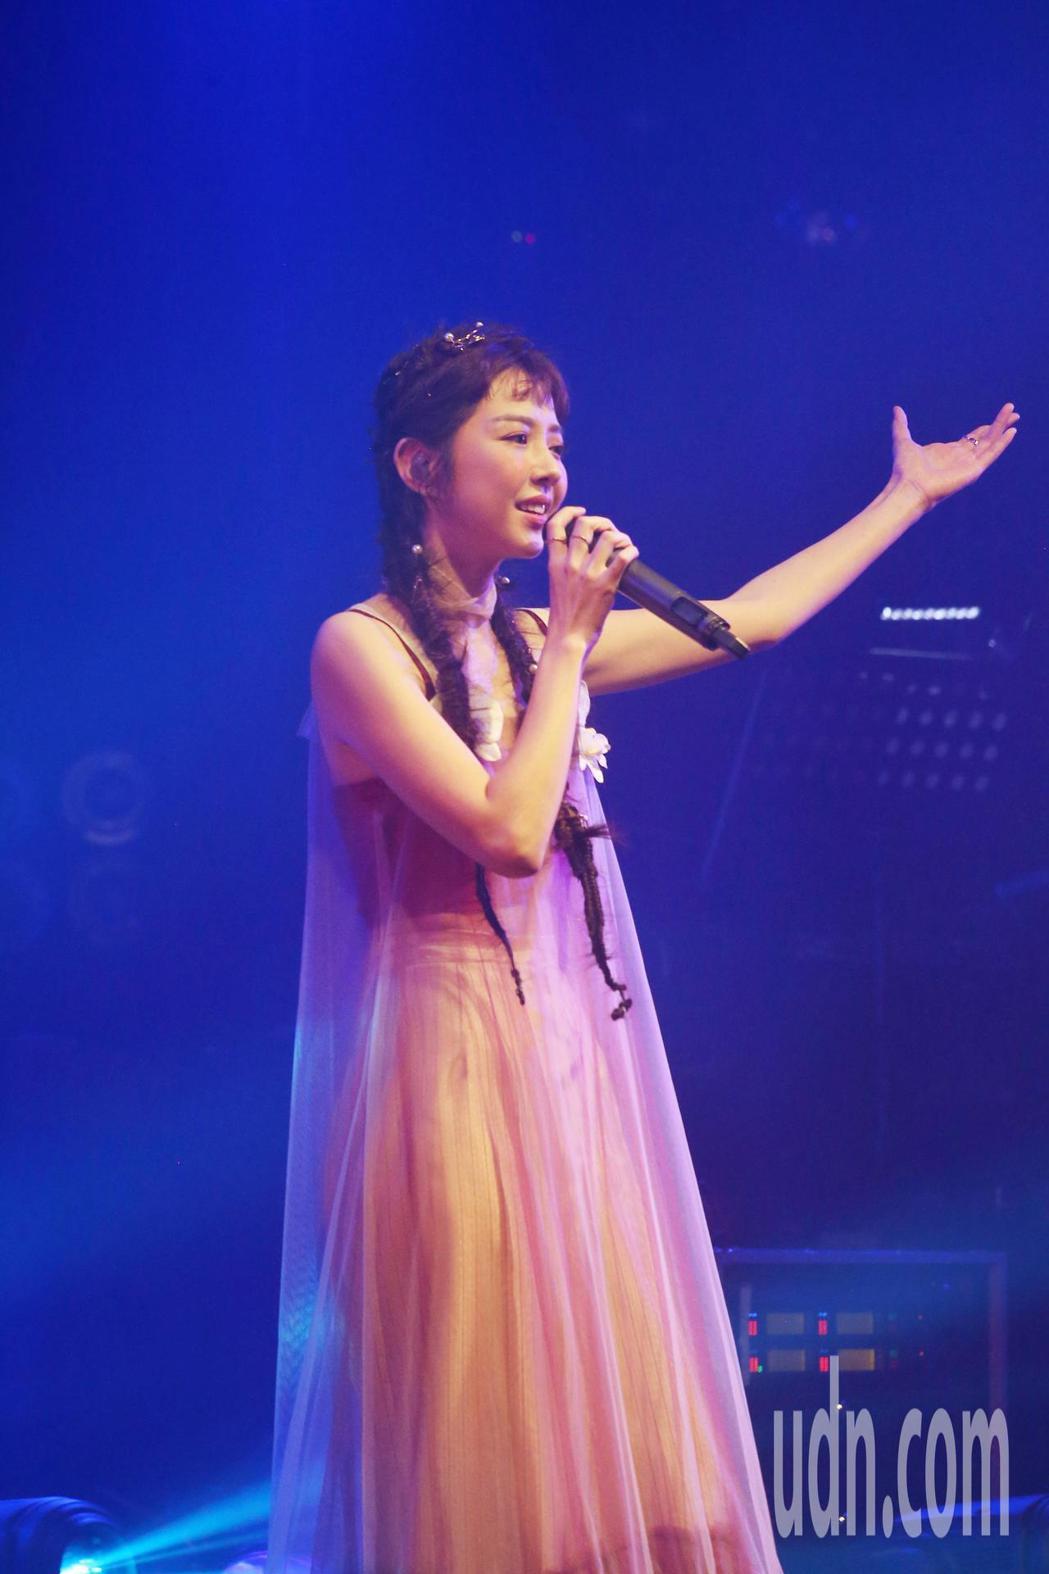 邵雨薇舉辦讚聲演唱會,新歌經典歌連發。記者曾原信/攝影